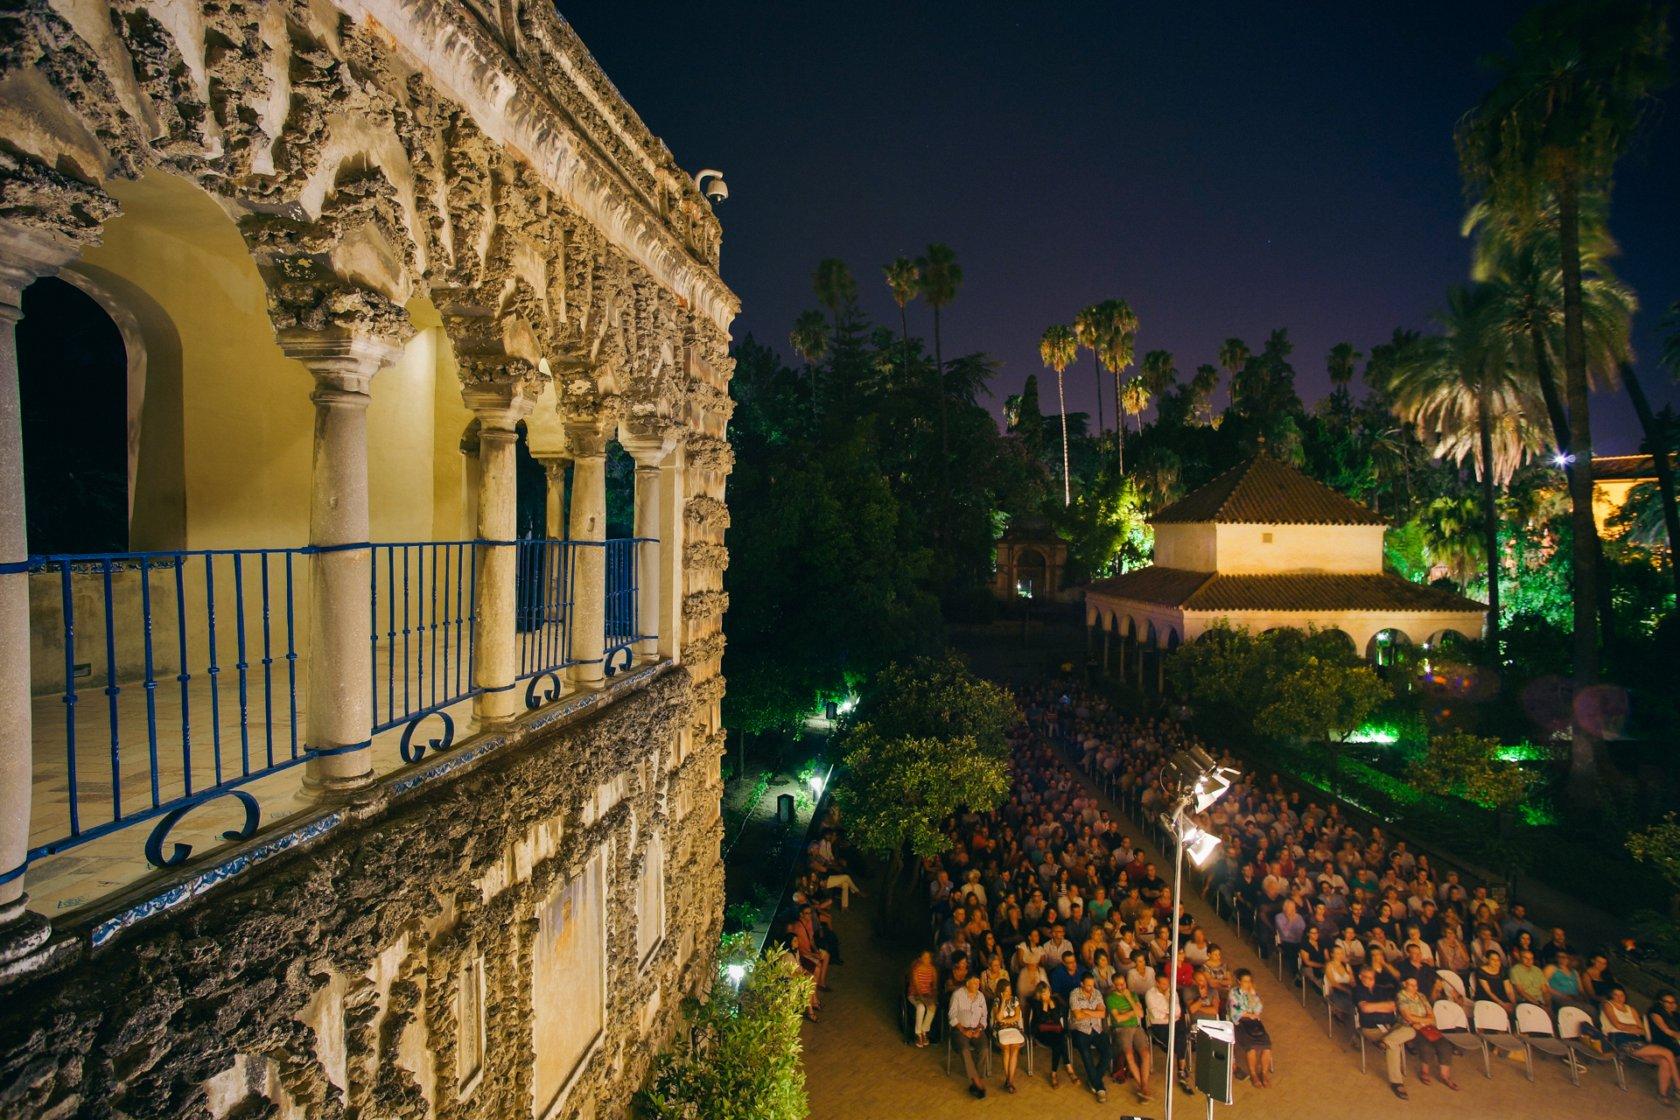 En primer término a la izquierda corredor del grutesco, abajo a la derecha, de cara y delante del cenador de la alcoba,  el público de los conciertos disfrutando un momento musical